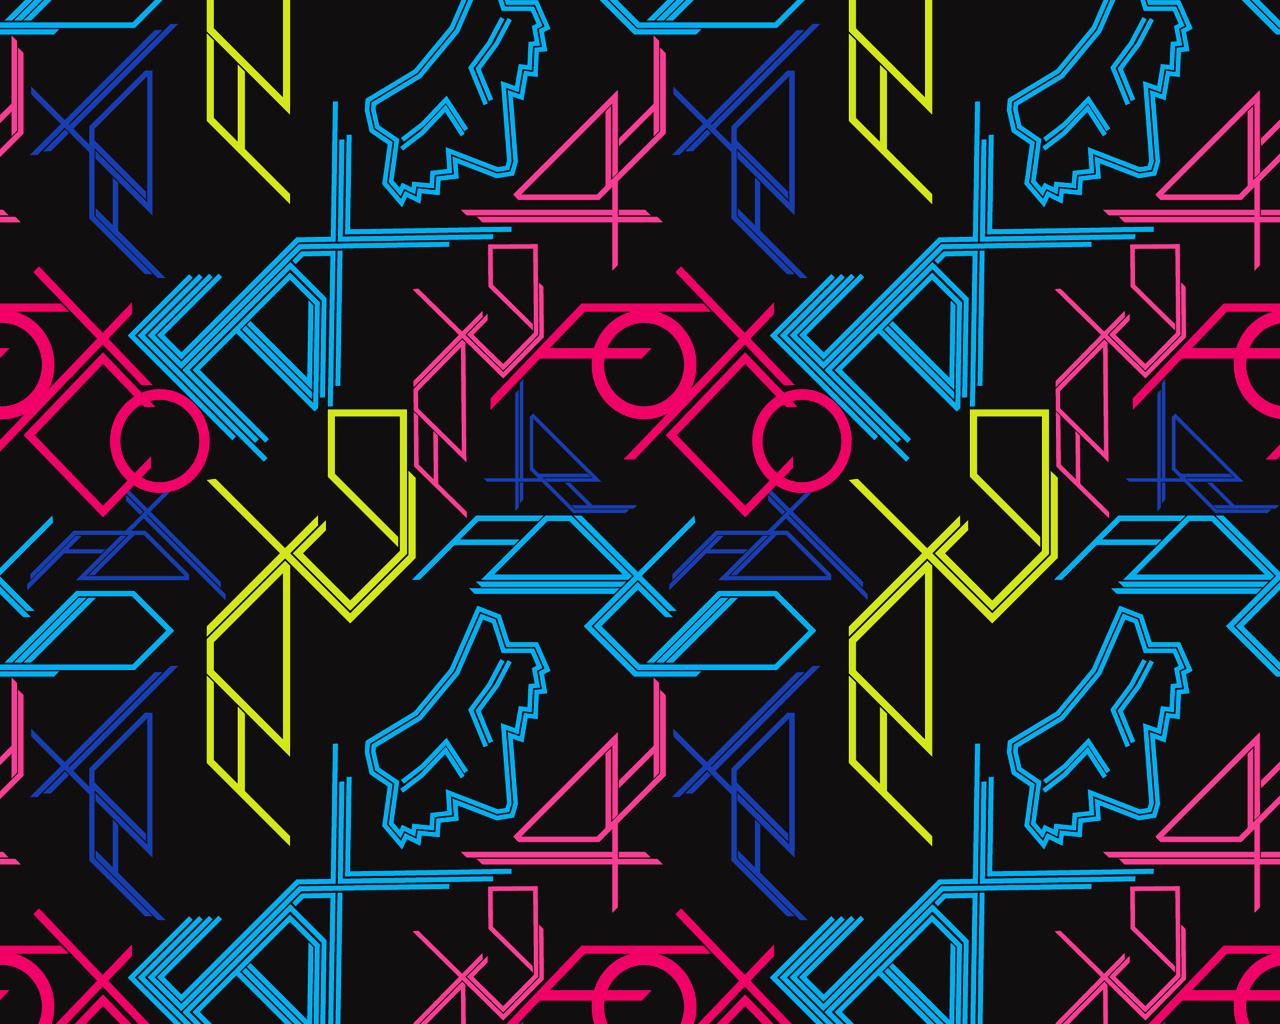 Monster Energy Fox Wallpaper Iphone Blackberry Fox Racing Wallpaper Iphone 1280x1024 Wallpaper Teahub Io